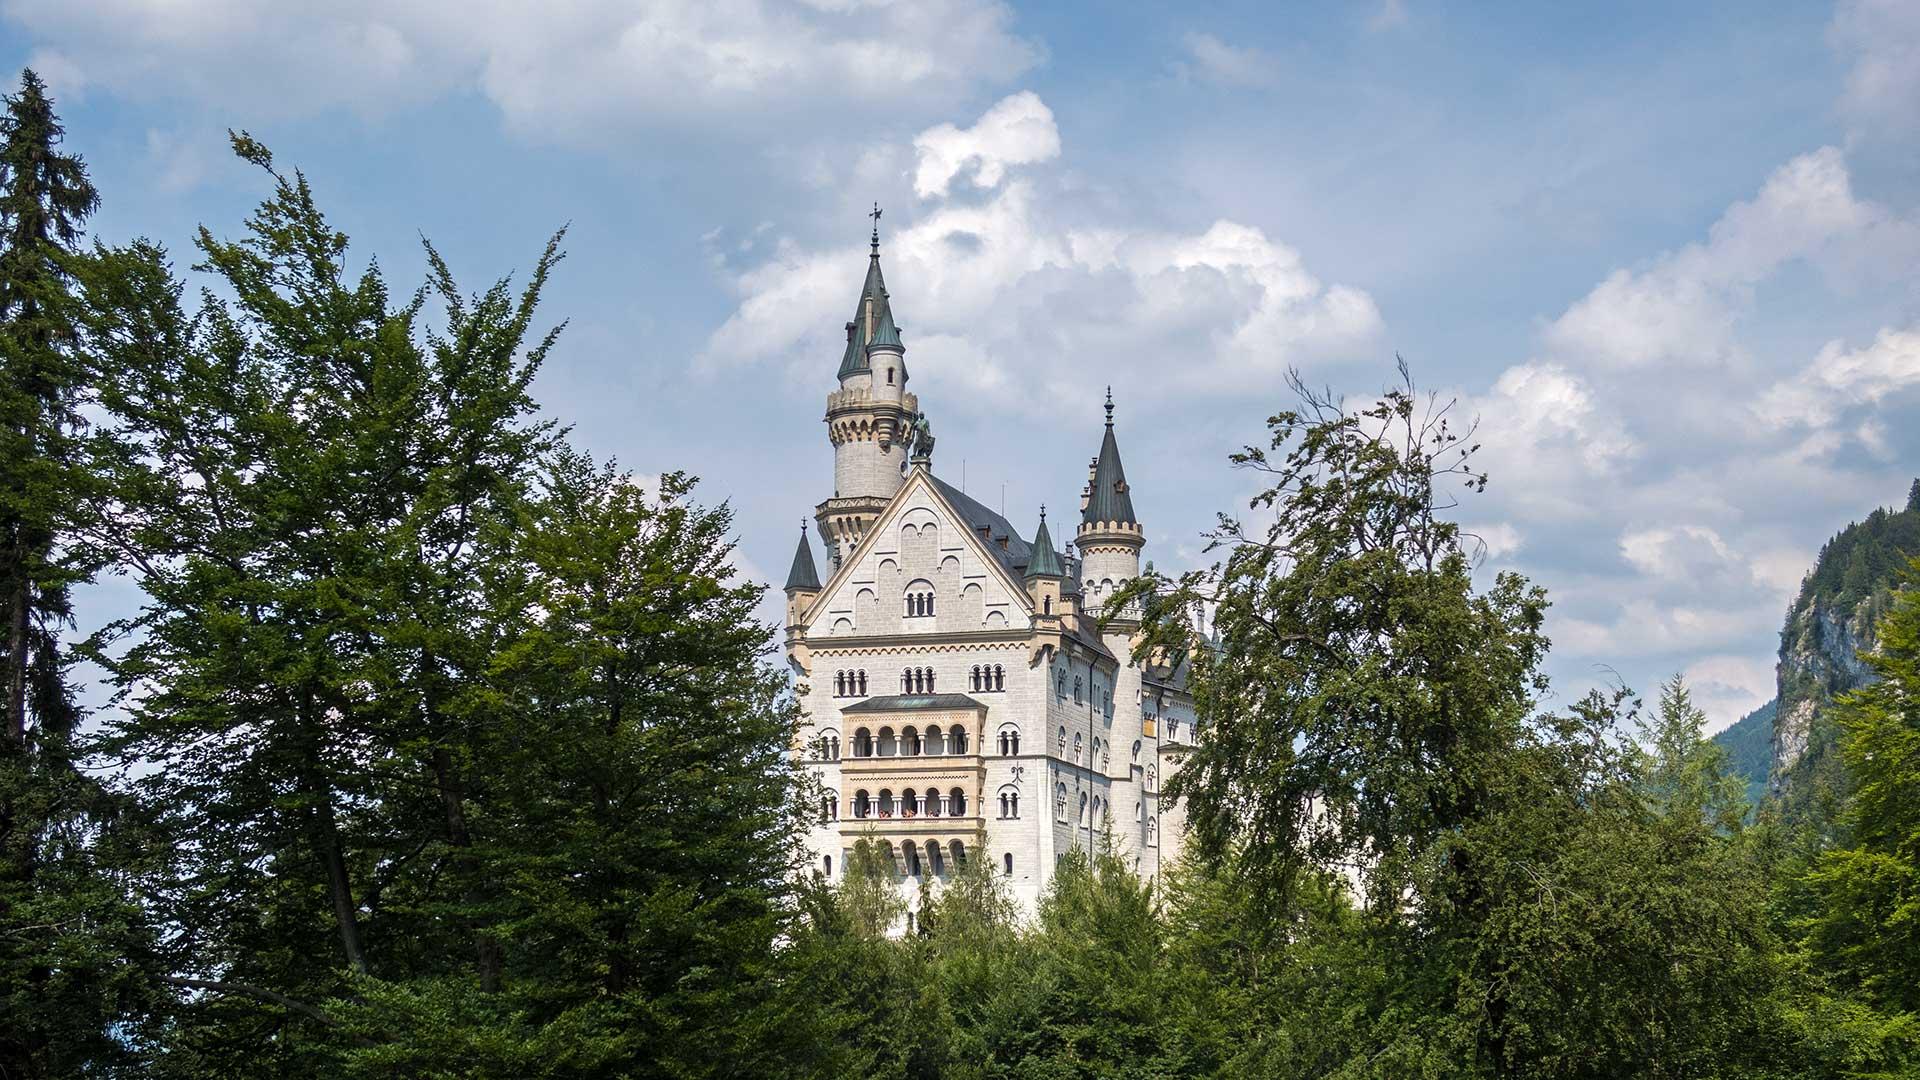 Schloss Neuschwanstein Ein Tagesausflug Von München